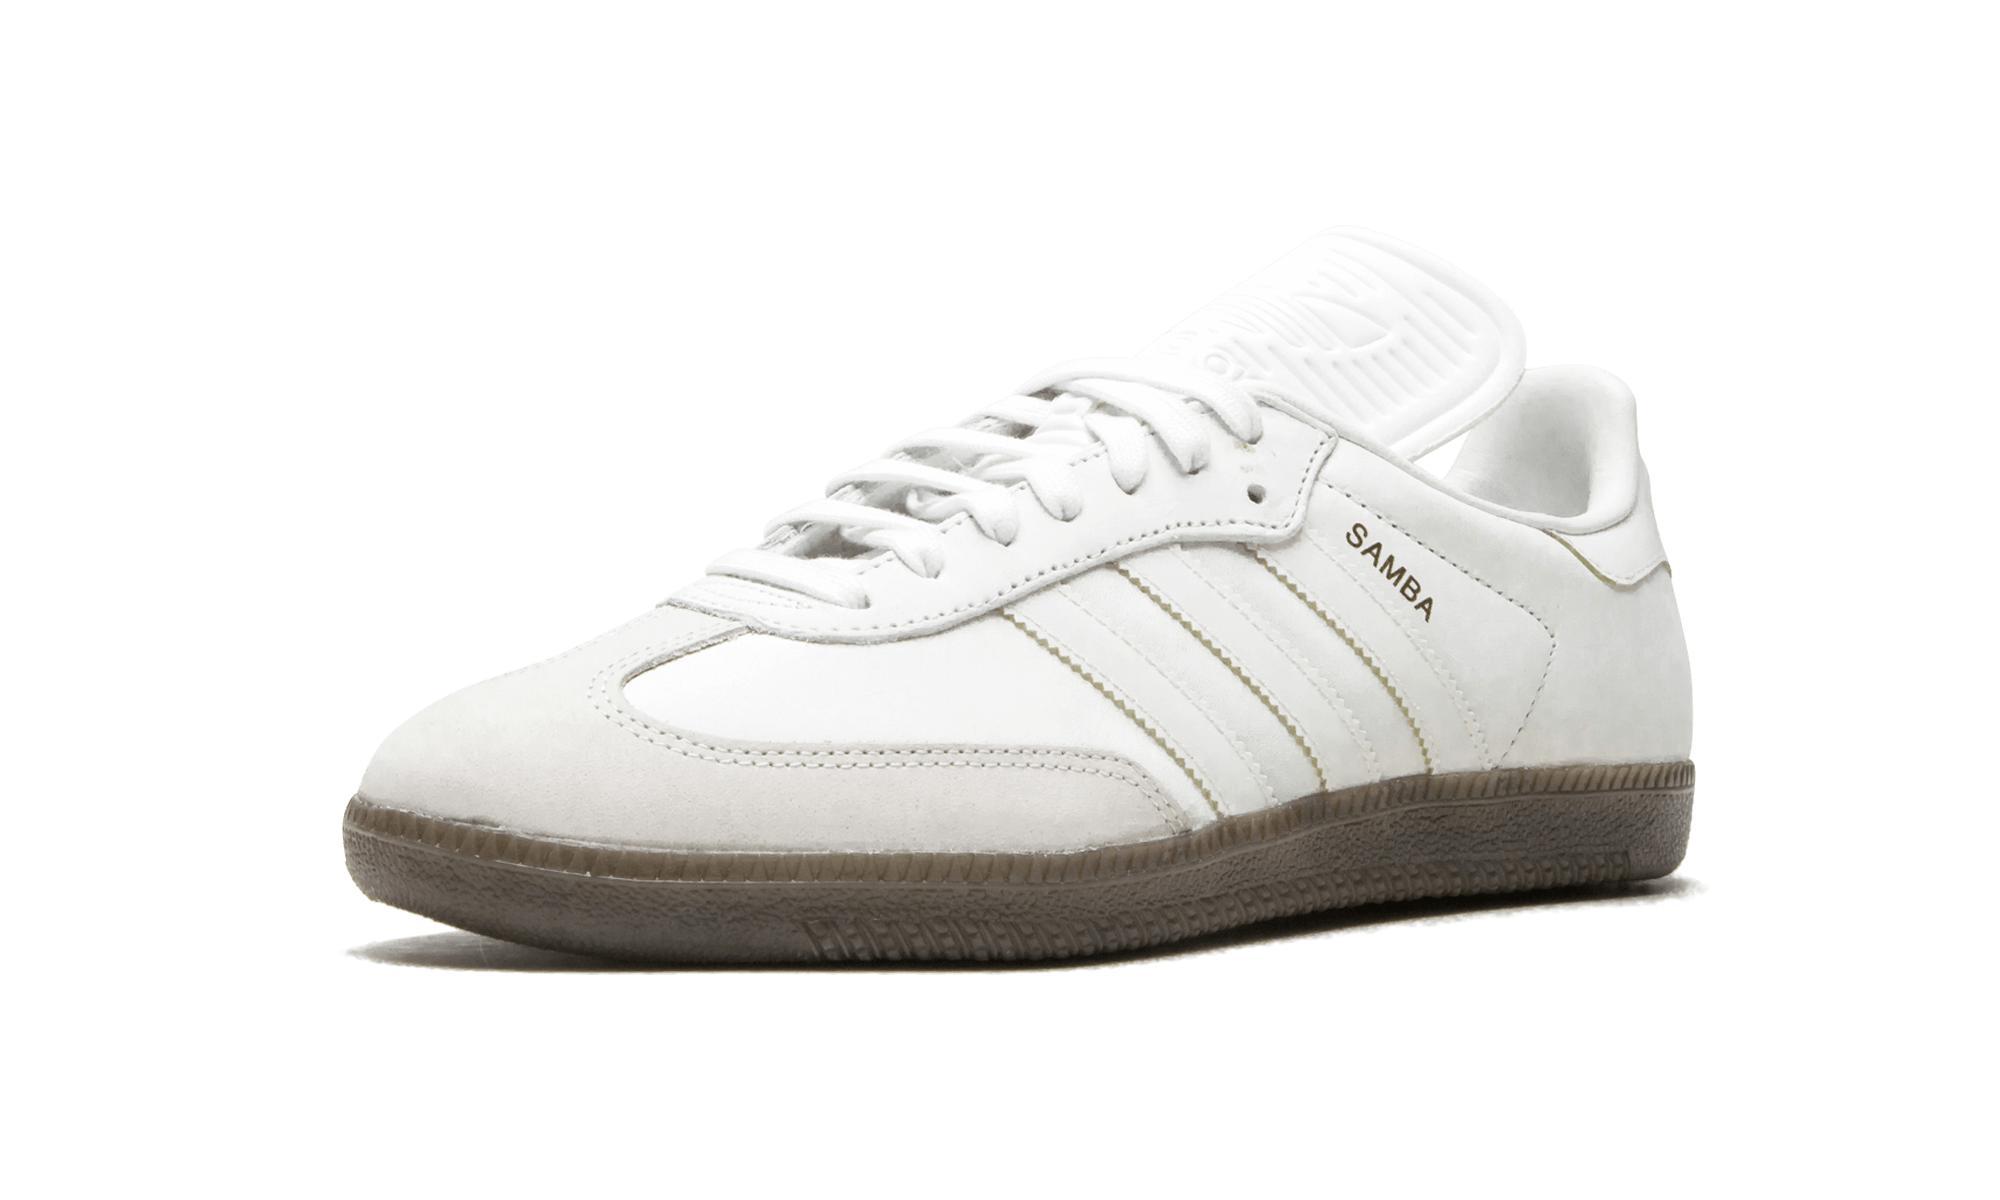 adidas Leather Samba Classic Og in